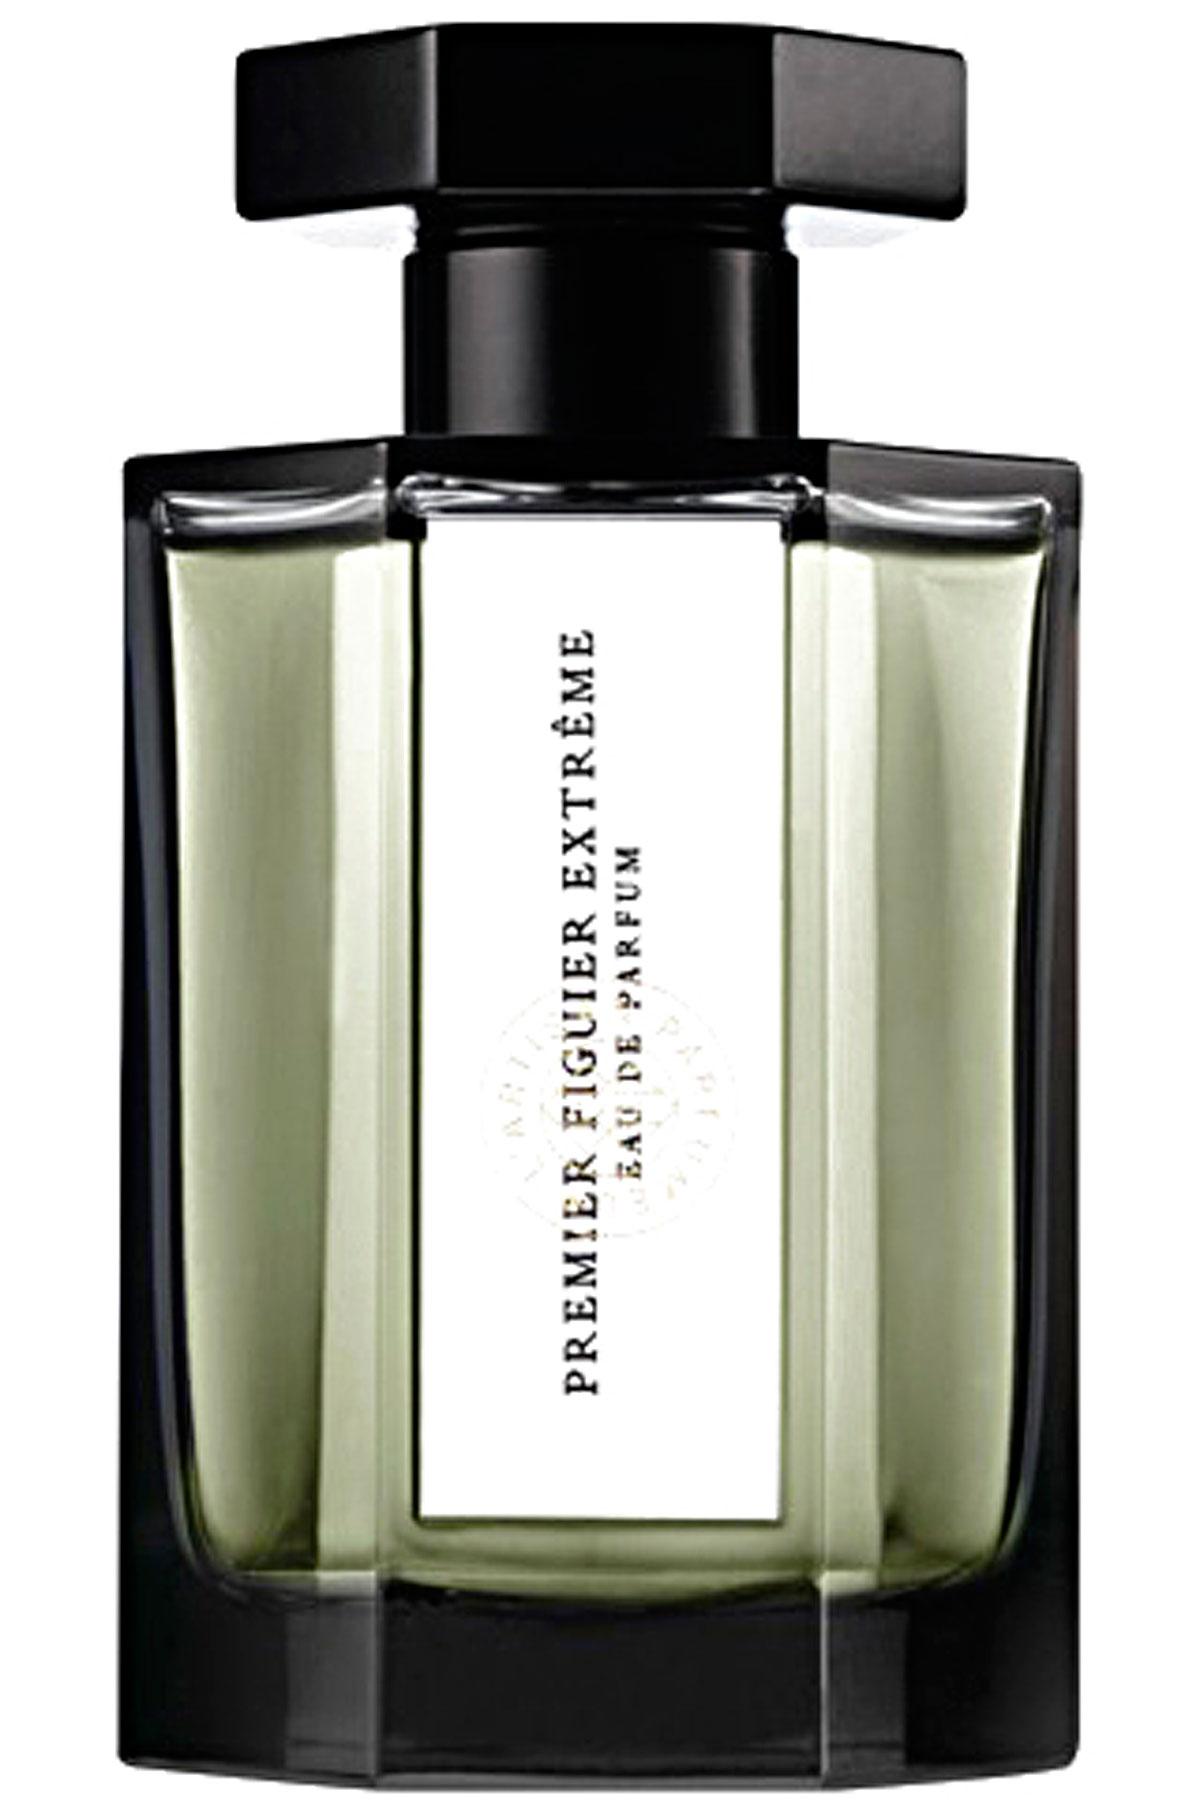 Artisan Parfumeur Fragrances for Men, Premier Figuier Extreme - Eau De Parfum - 100 Ml, 2019, 100 ml